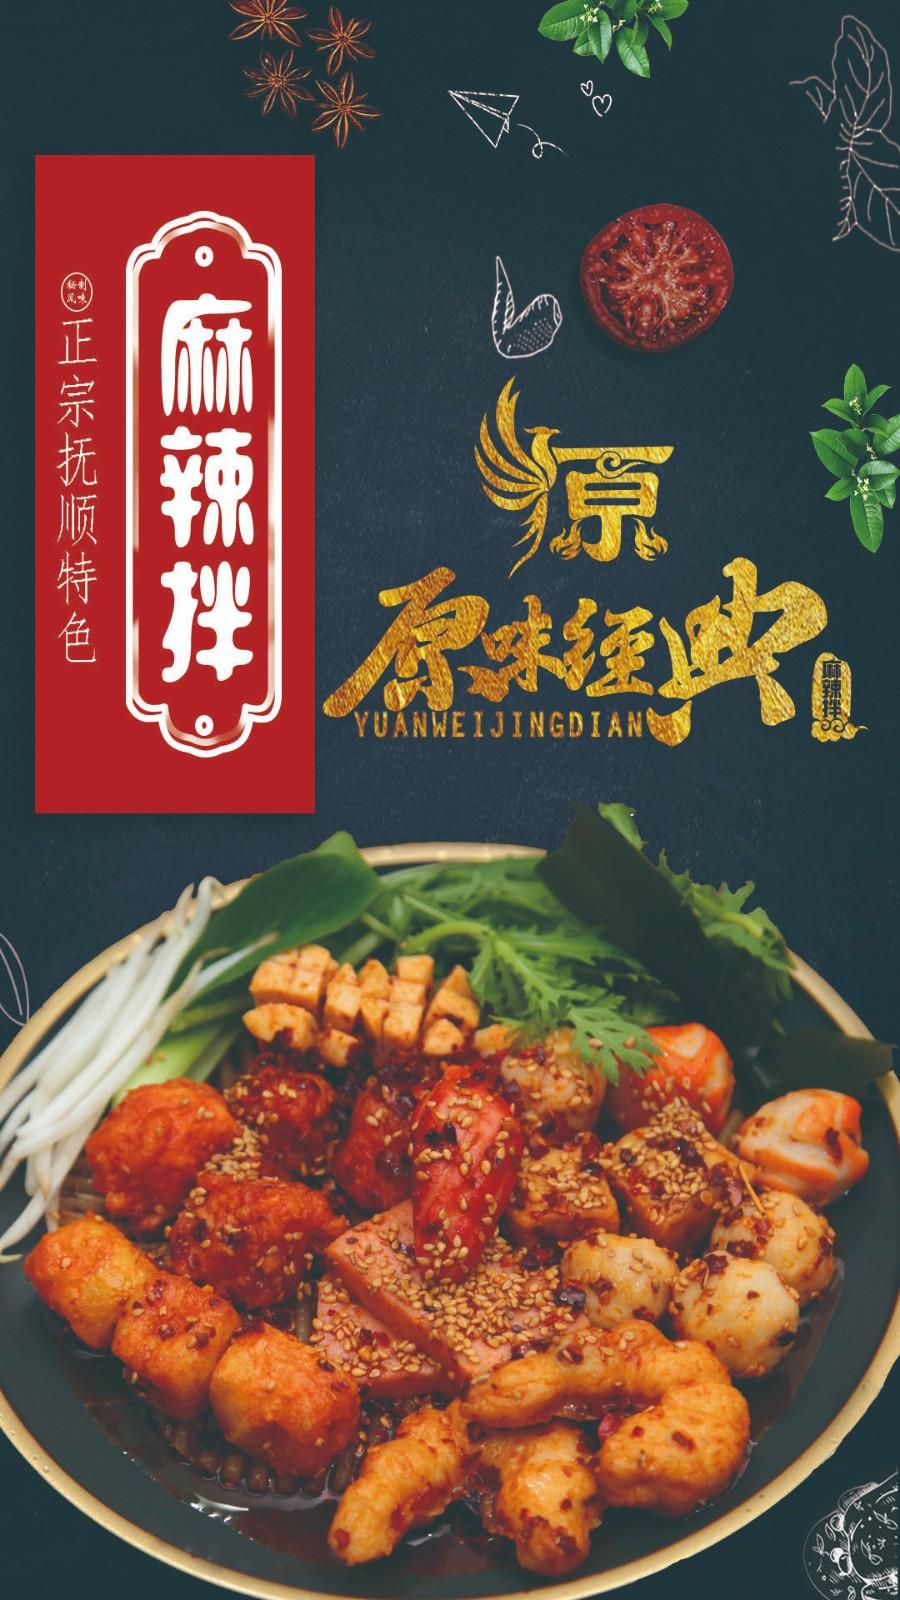 优质麻辣拌加盟费_食品饮料项目合作-沈阳市大东区睿泽原味麻辣拌店